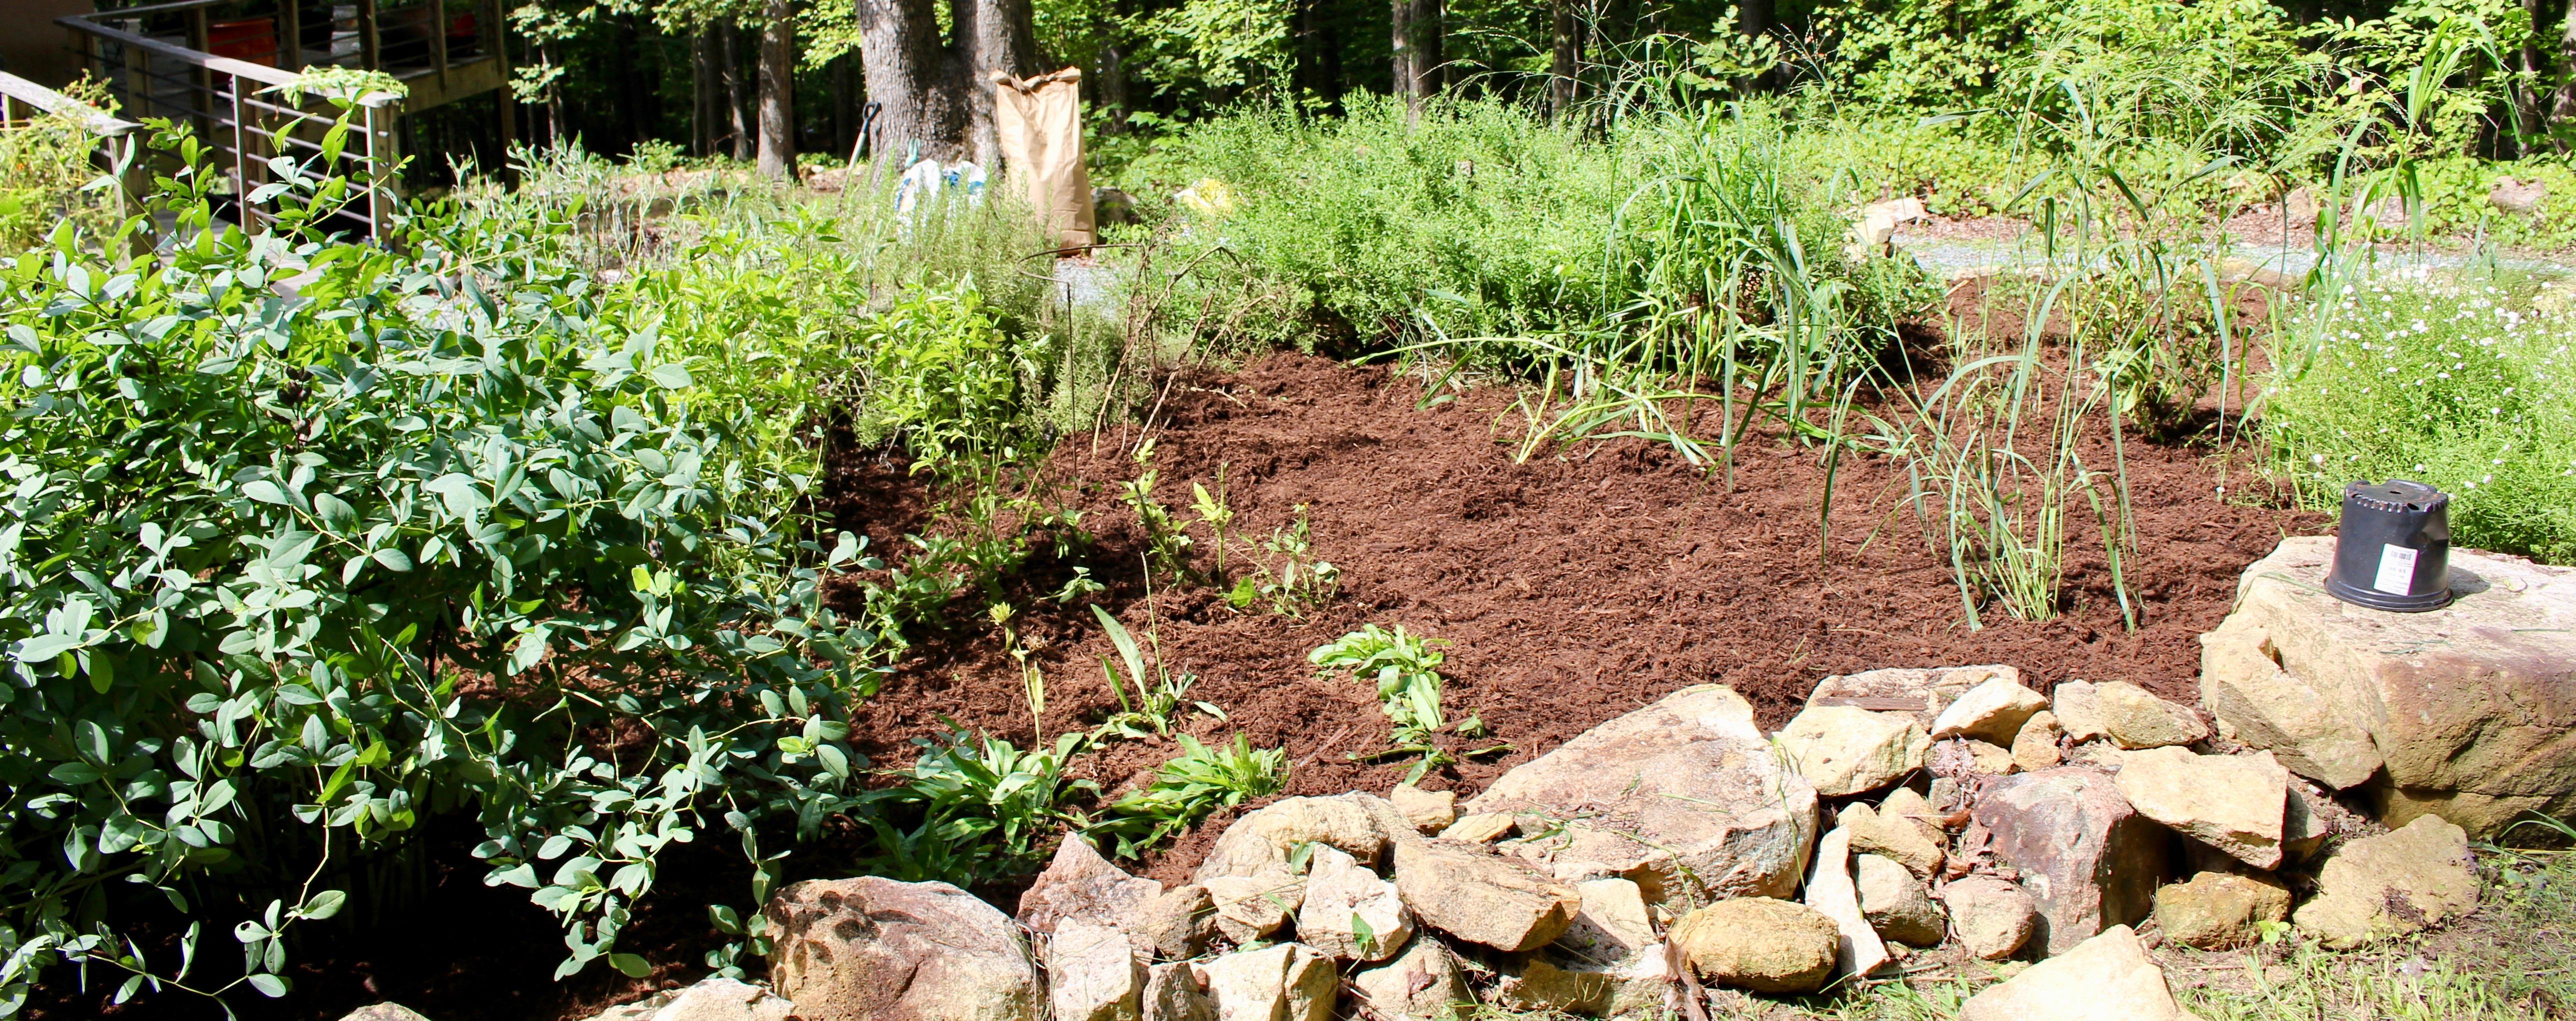 piedmont gardening | Piedmont Gardener